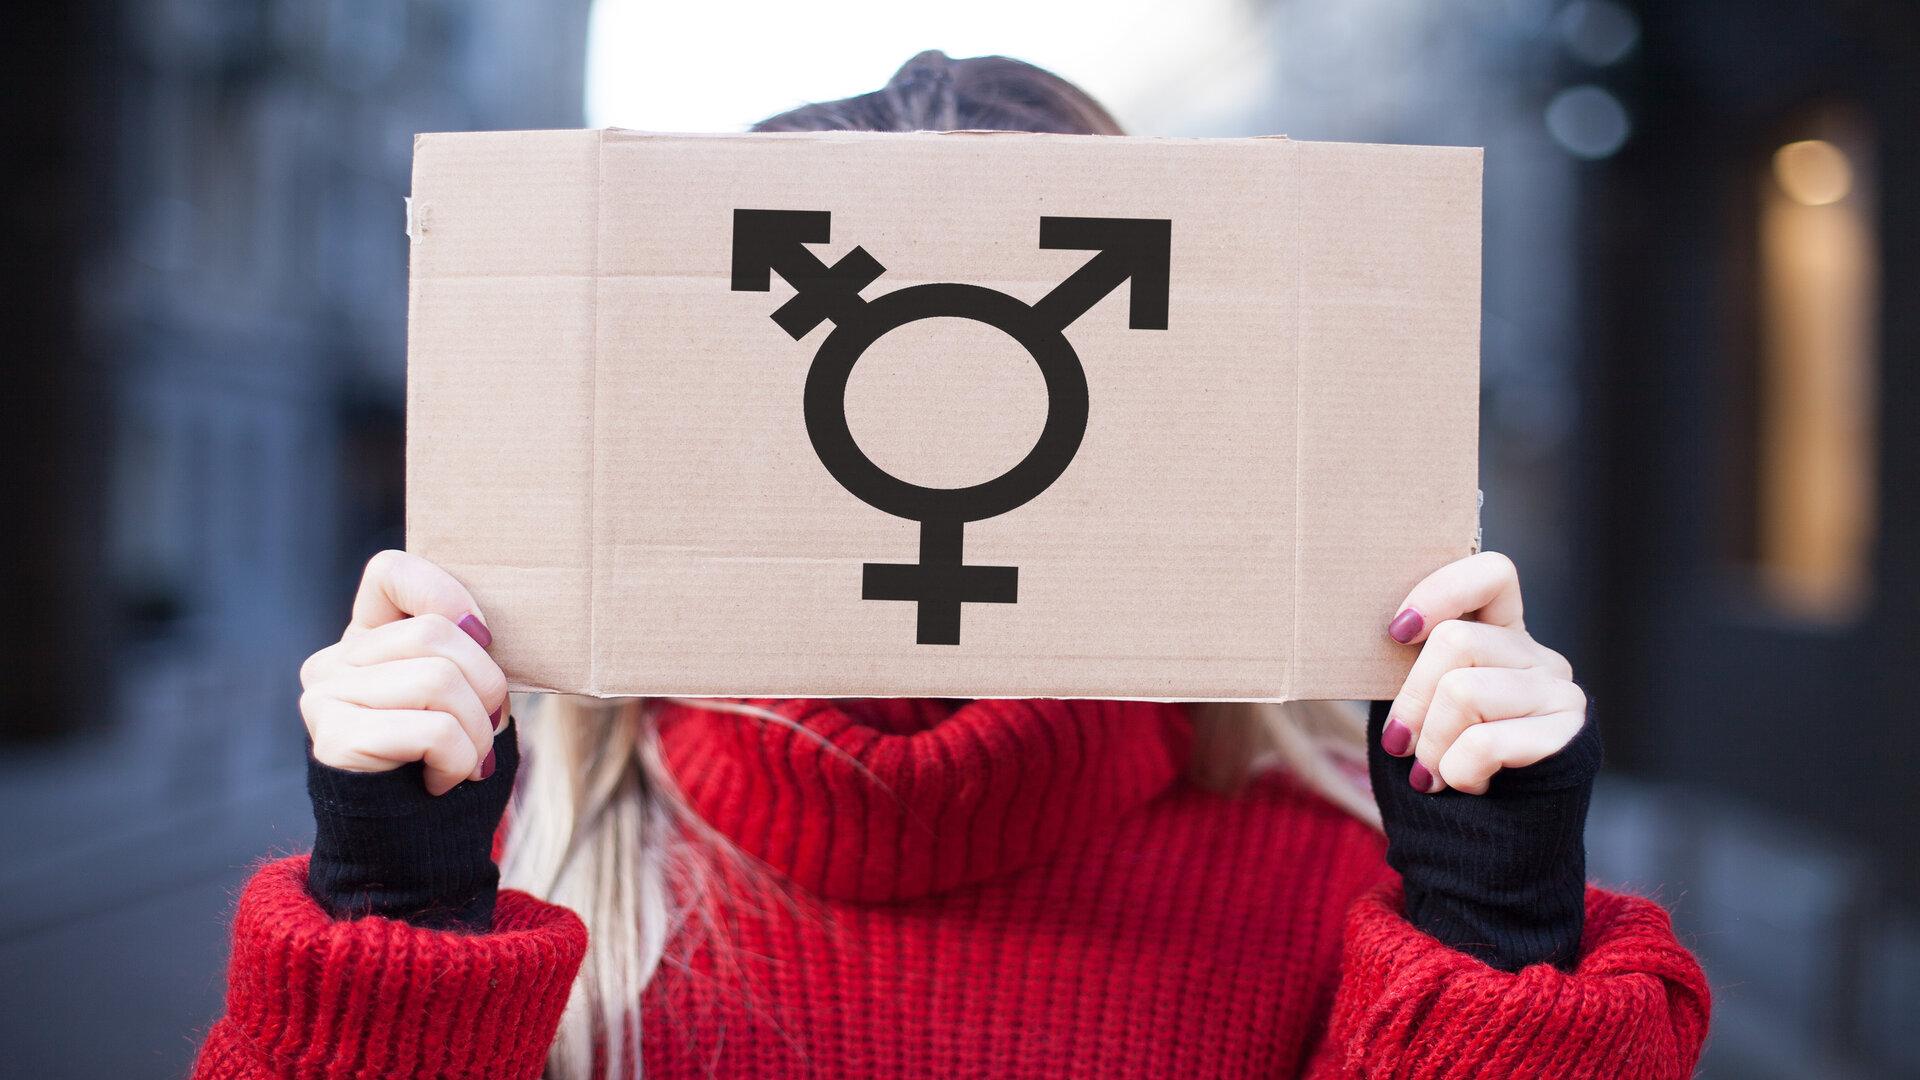 Une question d'identité sexuelle